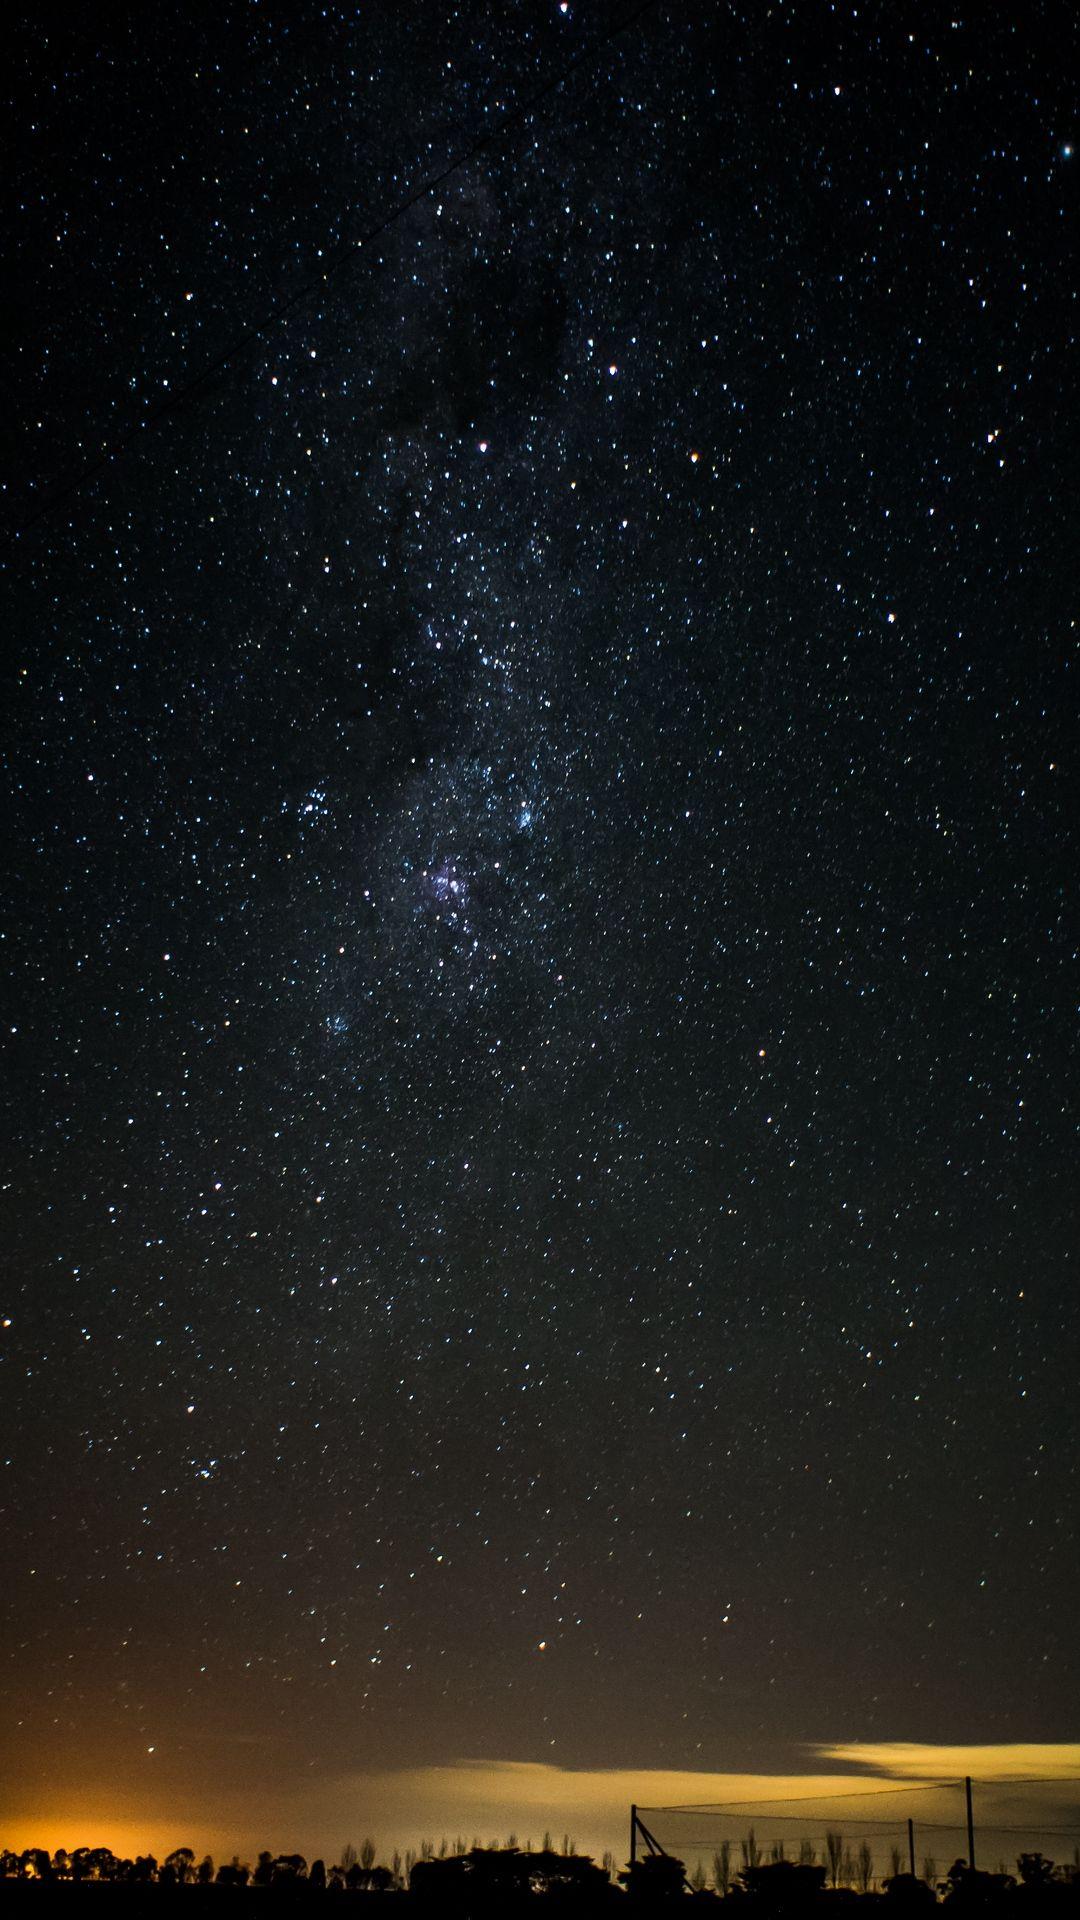 1080x1920 Wallpaper starry sky, night, horizon, shine